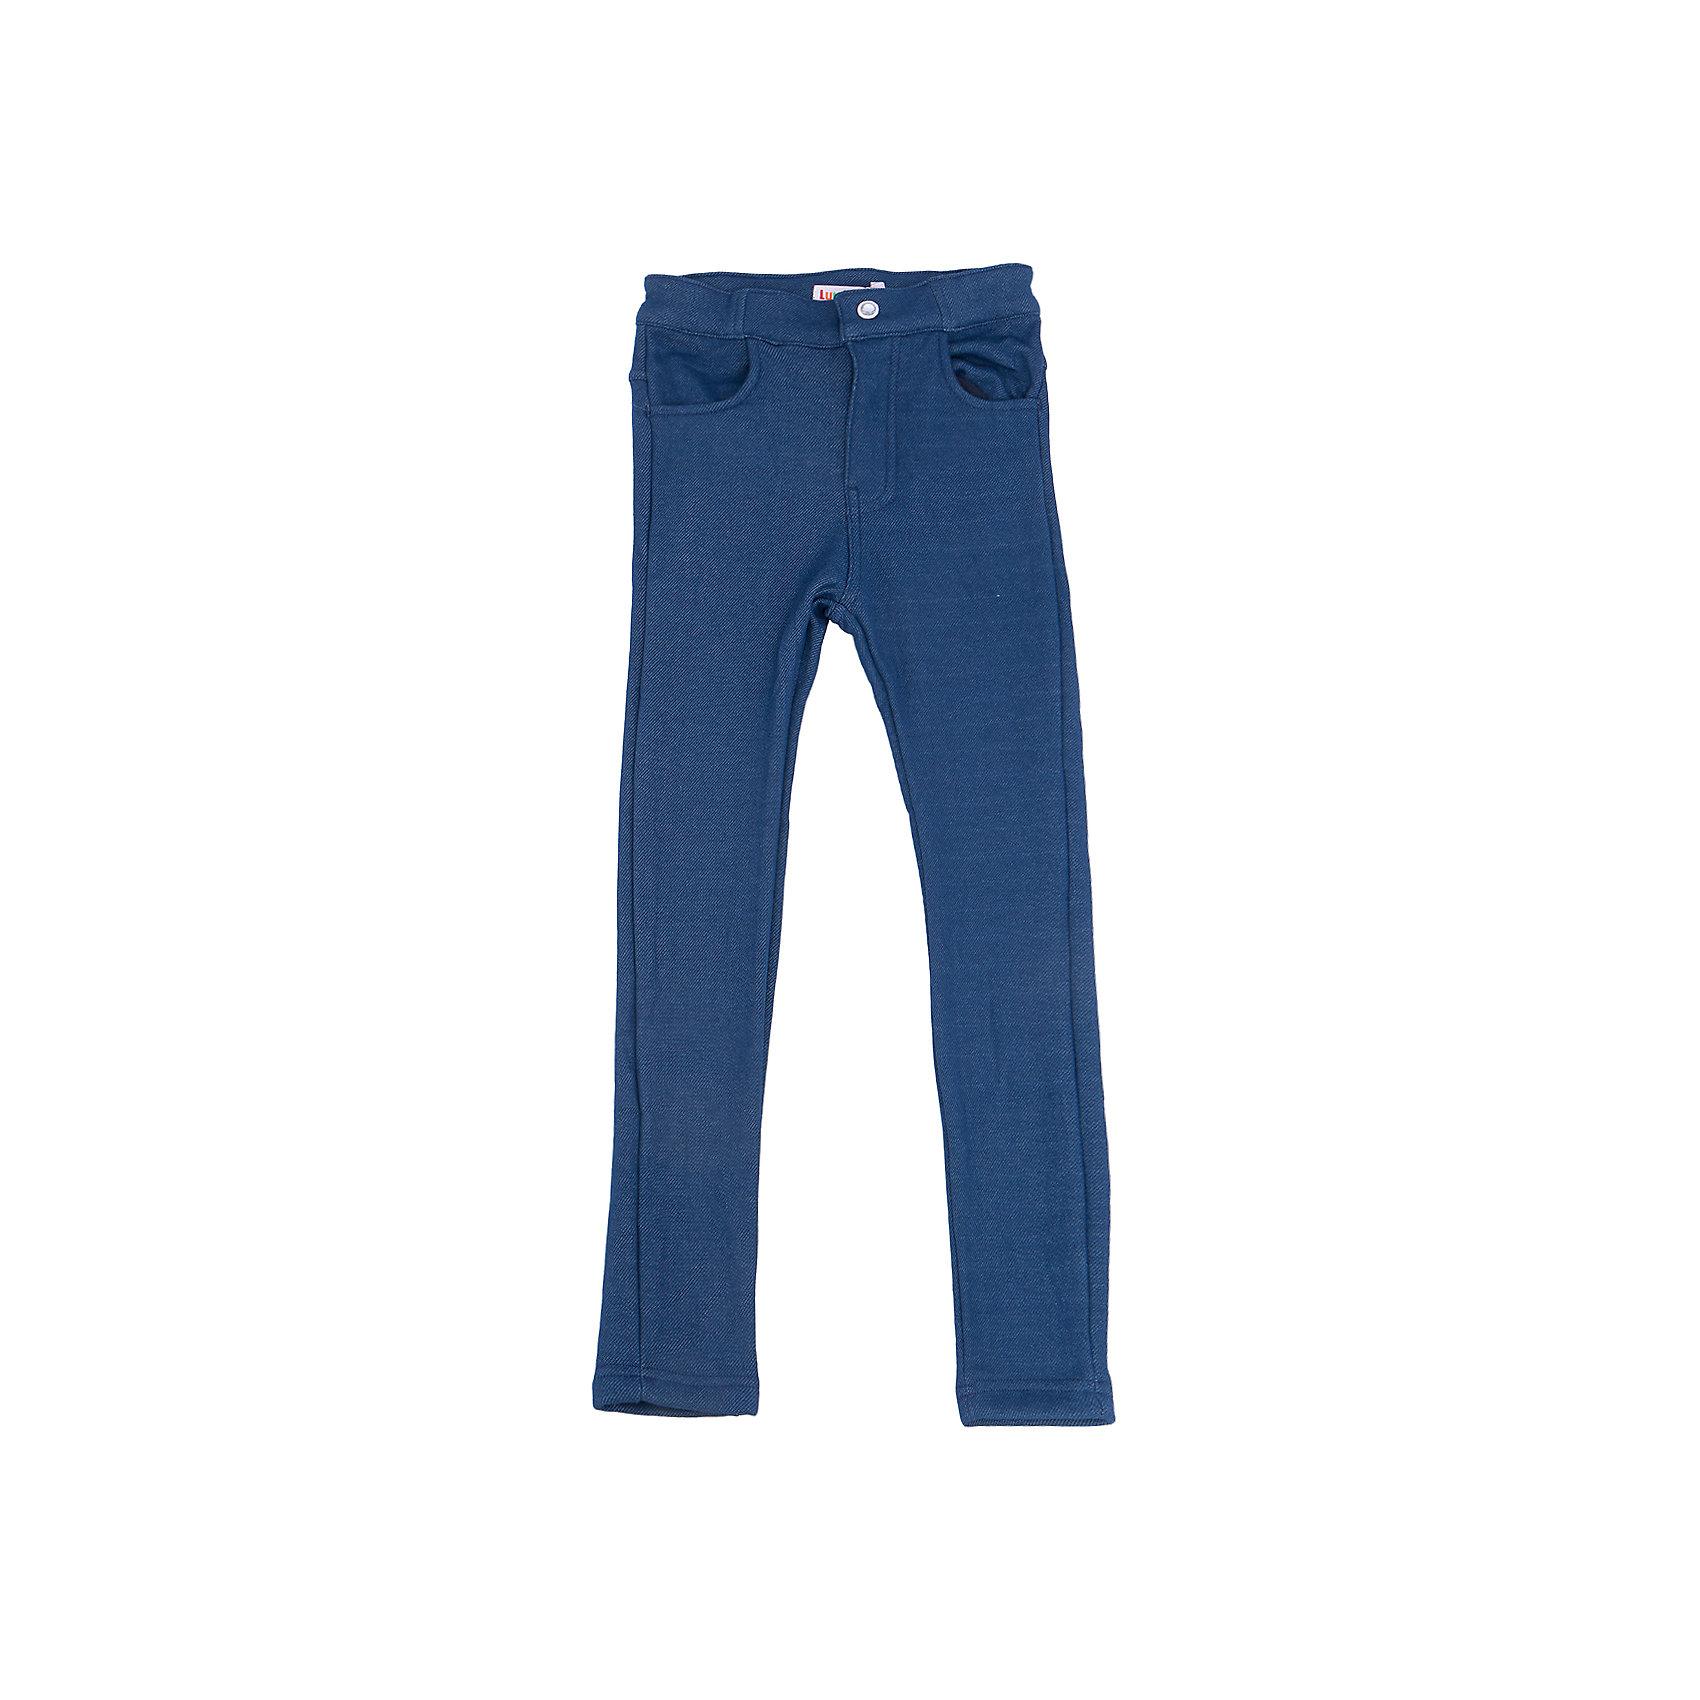 Брюки для девочки LuminosoБрюки<br>Характеристики товара:<br><br>- цвет: разноцветный;<br>- материал: 80% хлопок, 20% полиэстер;<br>- трикотаж;<br>- по низу брючин молнии;<br>- мягкая резинка в поясе.<br><br>Стильная одежда от бренда Luminoso (Люминосо), созданная при участии итальянских дизайнеров, учитывает потребности подростков и последние веяния моды. Она удобная и модная.<br>Эти стильные брюки подходят для ежедневного ношения. Они хорошо сидят на ребенке, обеспечивают комфорт и отлично сочетаются с одежной разных стилей. Модель отличается высоким качеством материала и продуманным дизайном. Натуральный хлопок в составе изделия делает его дышащим, приятным на ощупь и гипоаллергеным.<br><br>Брюки для девочки от бренда Luminoso (Люминосо) можно купить в нашем интернет-магазине.<br><br>Ширина мм: 215<br>Глубина мм: 88<br>Высота мм: 191<br>Вес г: 336<br>Цвет: синий<br>Возраст от месяцев: 96<br>Возраст до месяцев: 108<br>Пол: Женский<br>Возраст: Детский<br>Размер: 134,164,140,146,152,158<br>SKU: 4929717